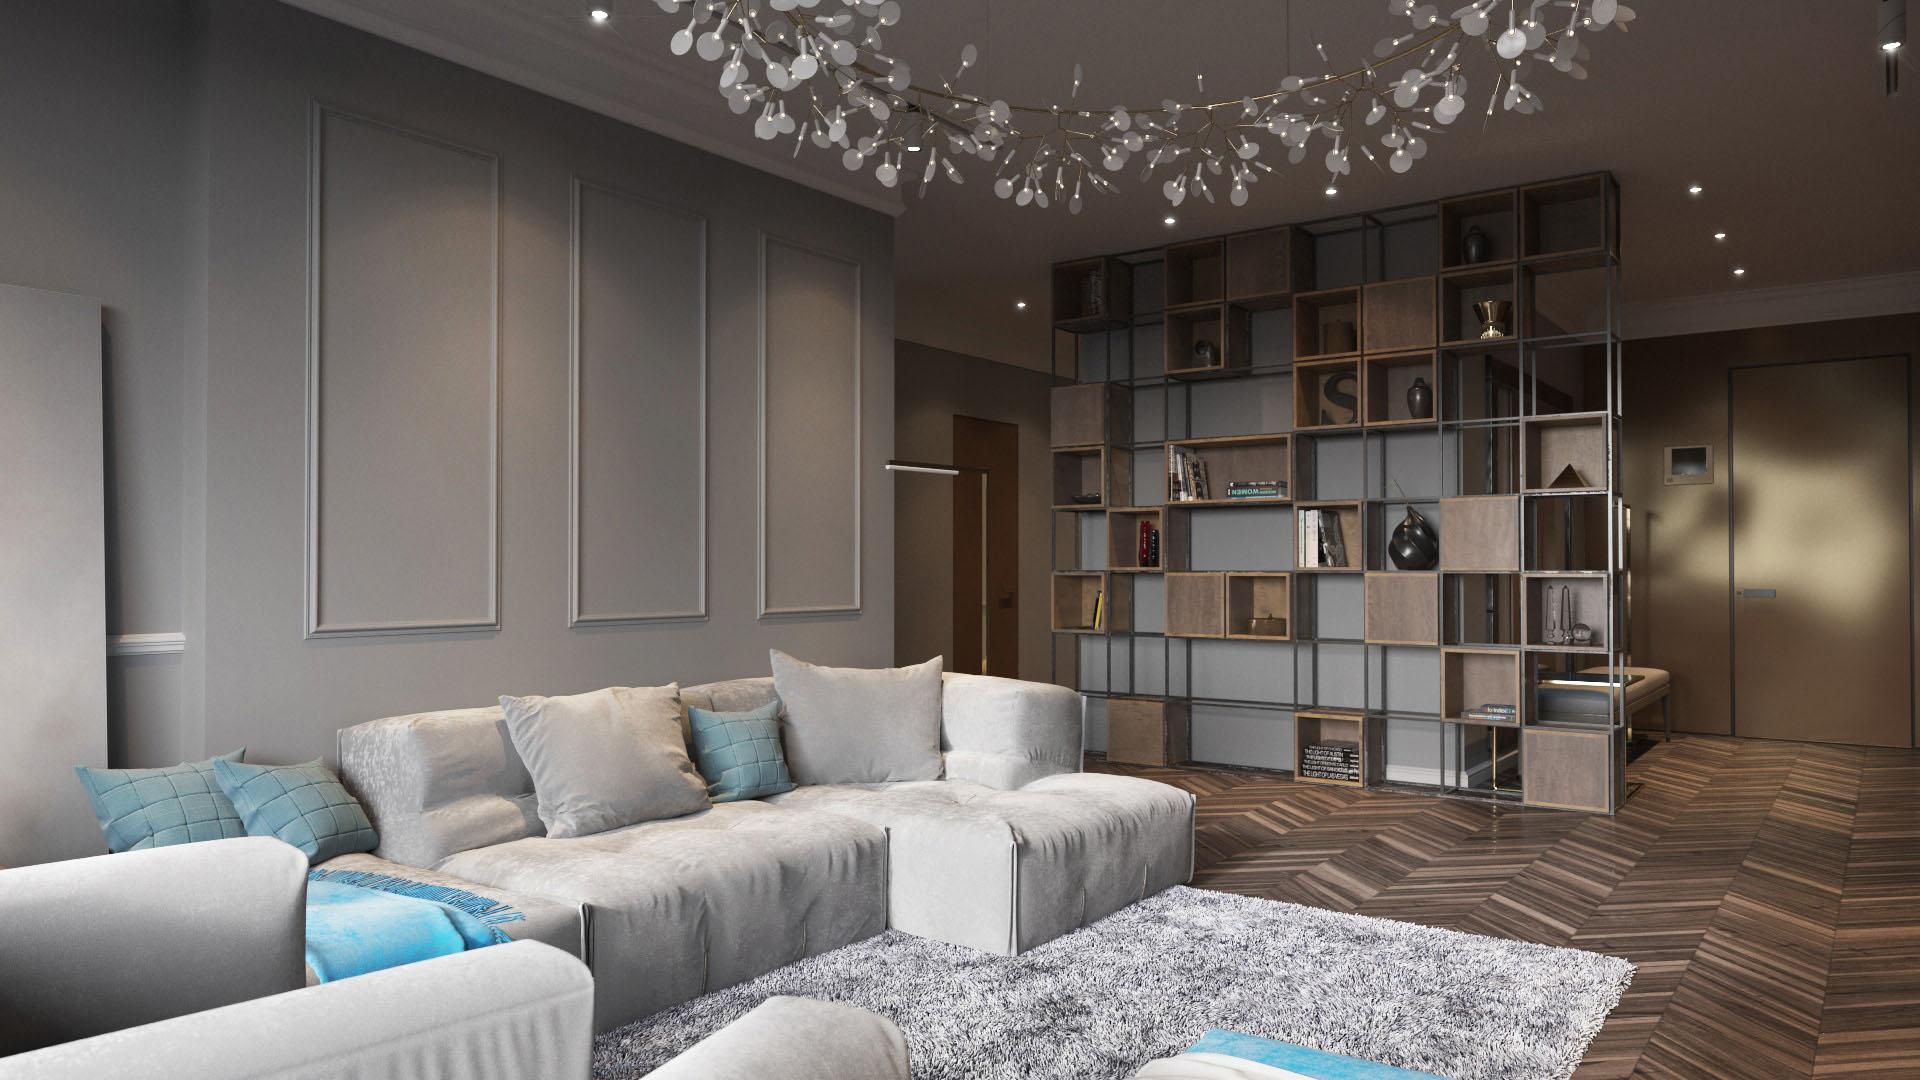 Arany és szürke nappali részlet, térelválasztó és kanapé